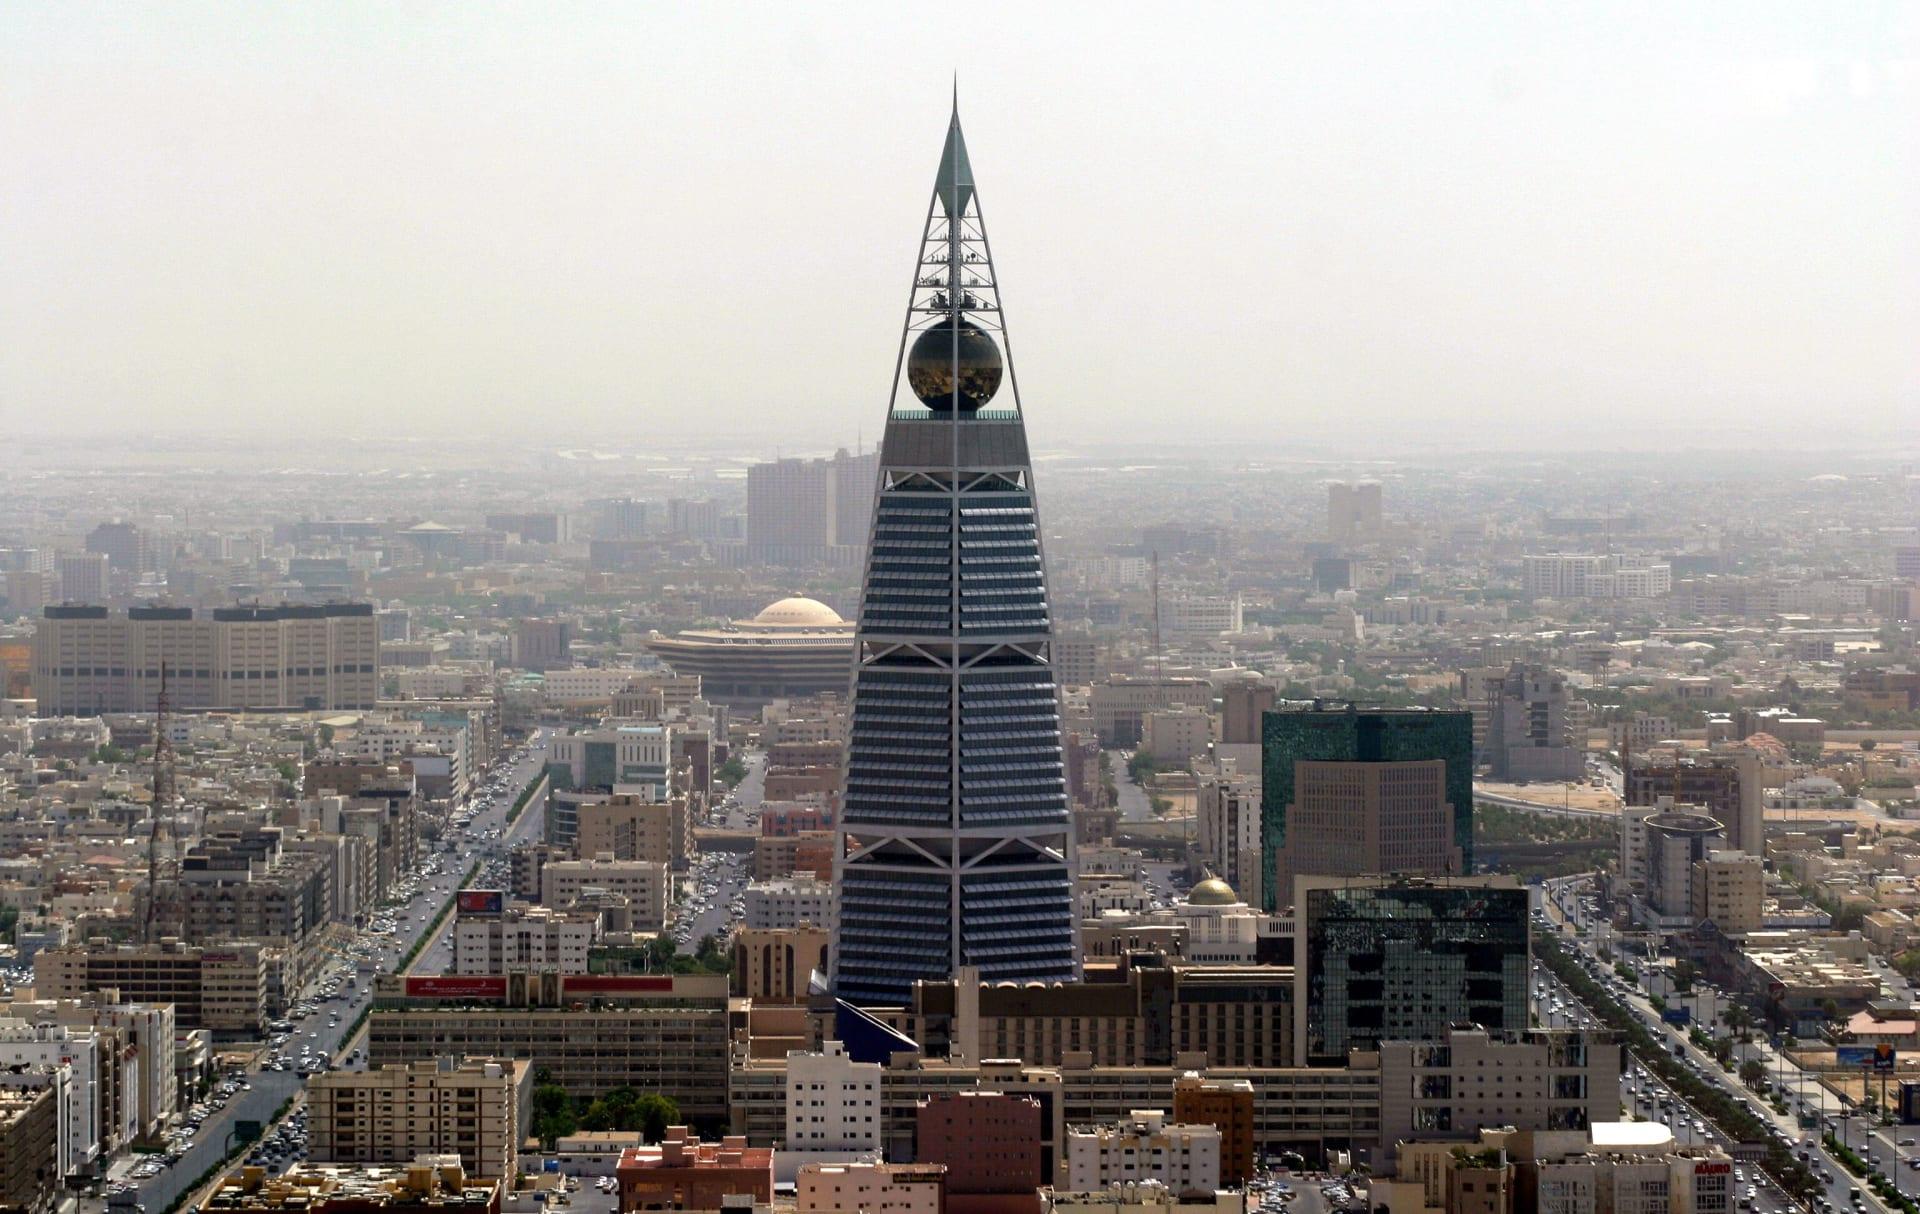 العاصمة السعودية، الرياض (صورة تعبيرية)